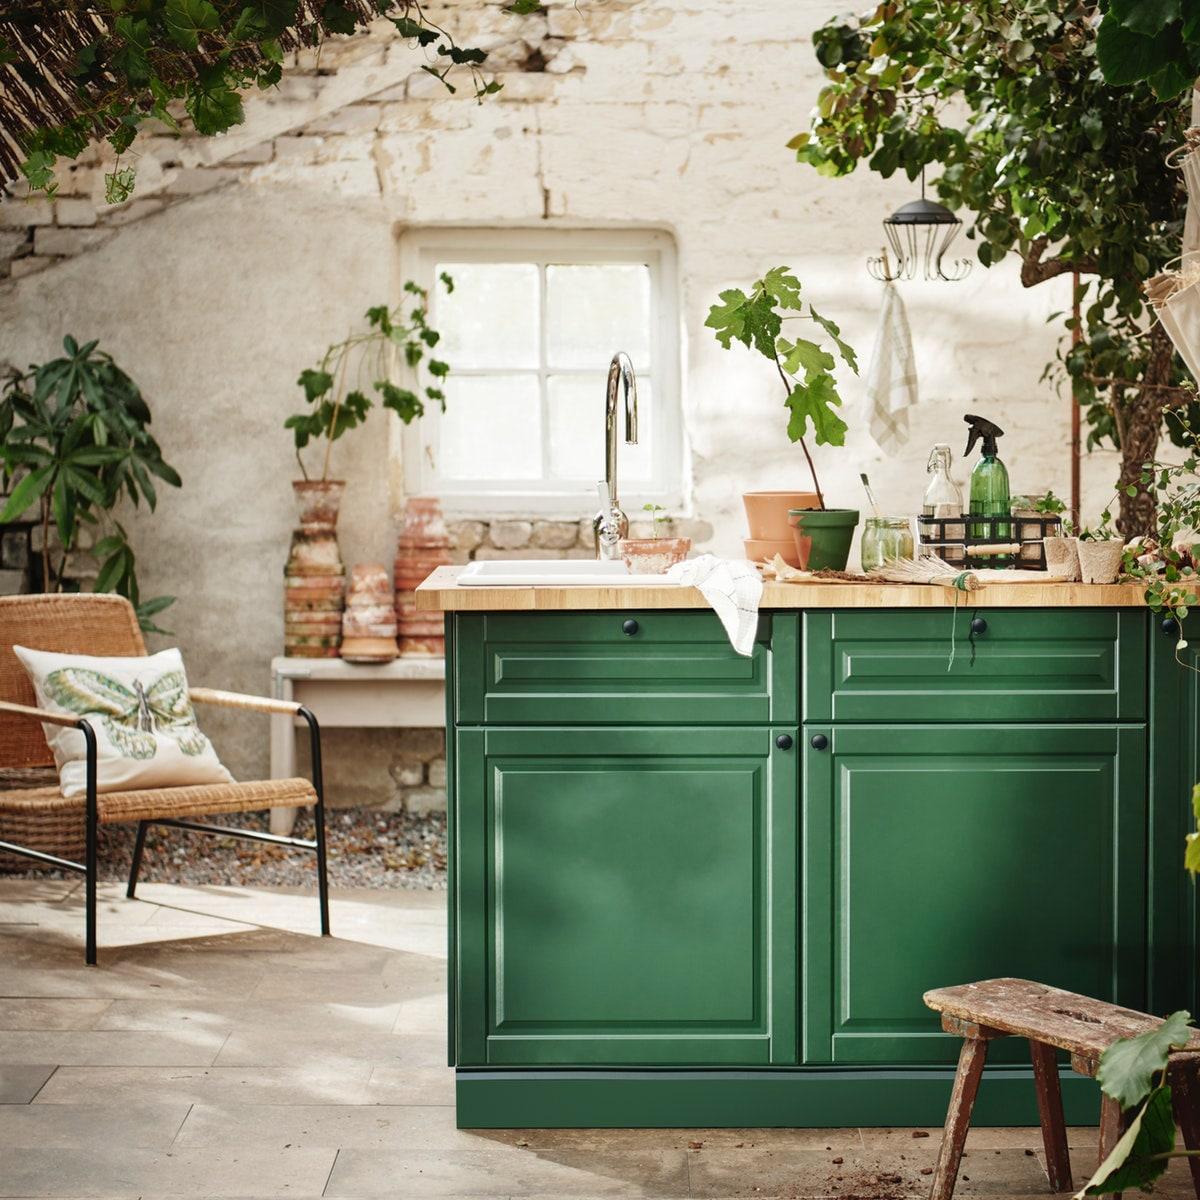 Et grønt køkken i et lyst rum.